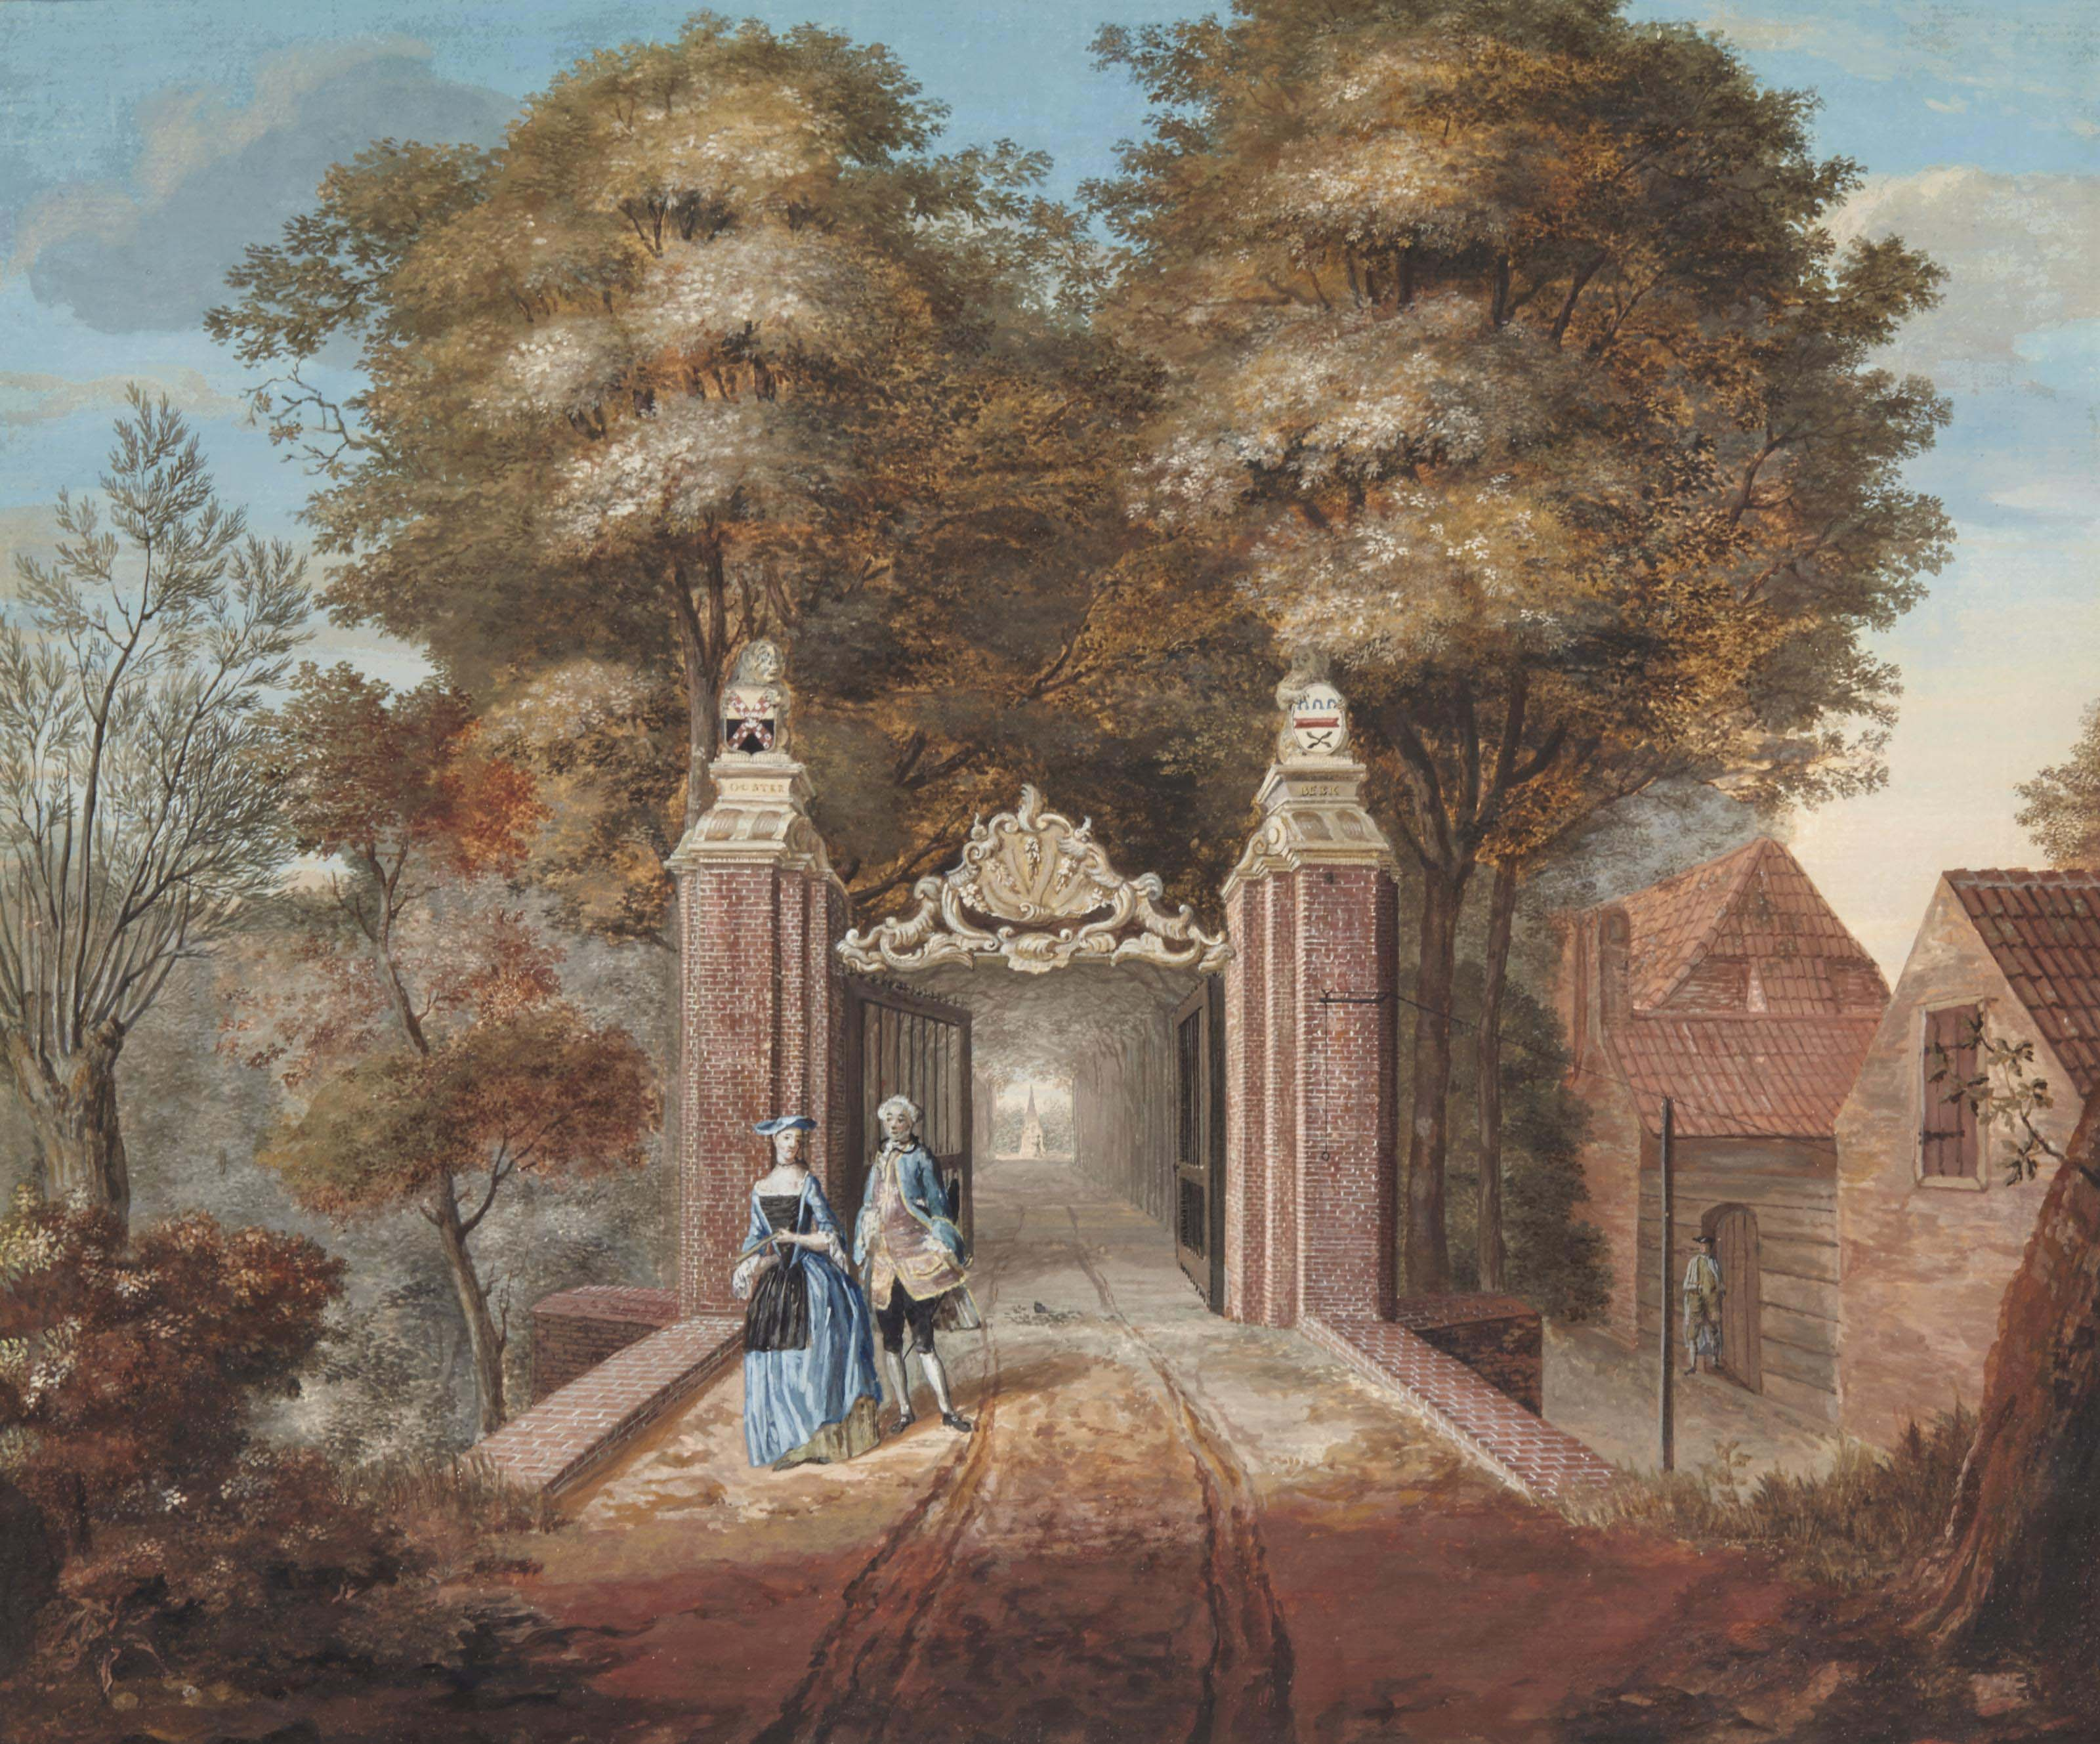 Le portail d'entrée d'une grande demeure à Oosterbeek près de La Haye; et Calèche et personnages dans un village